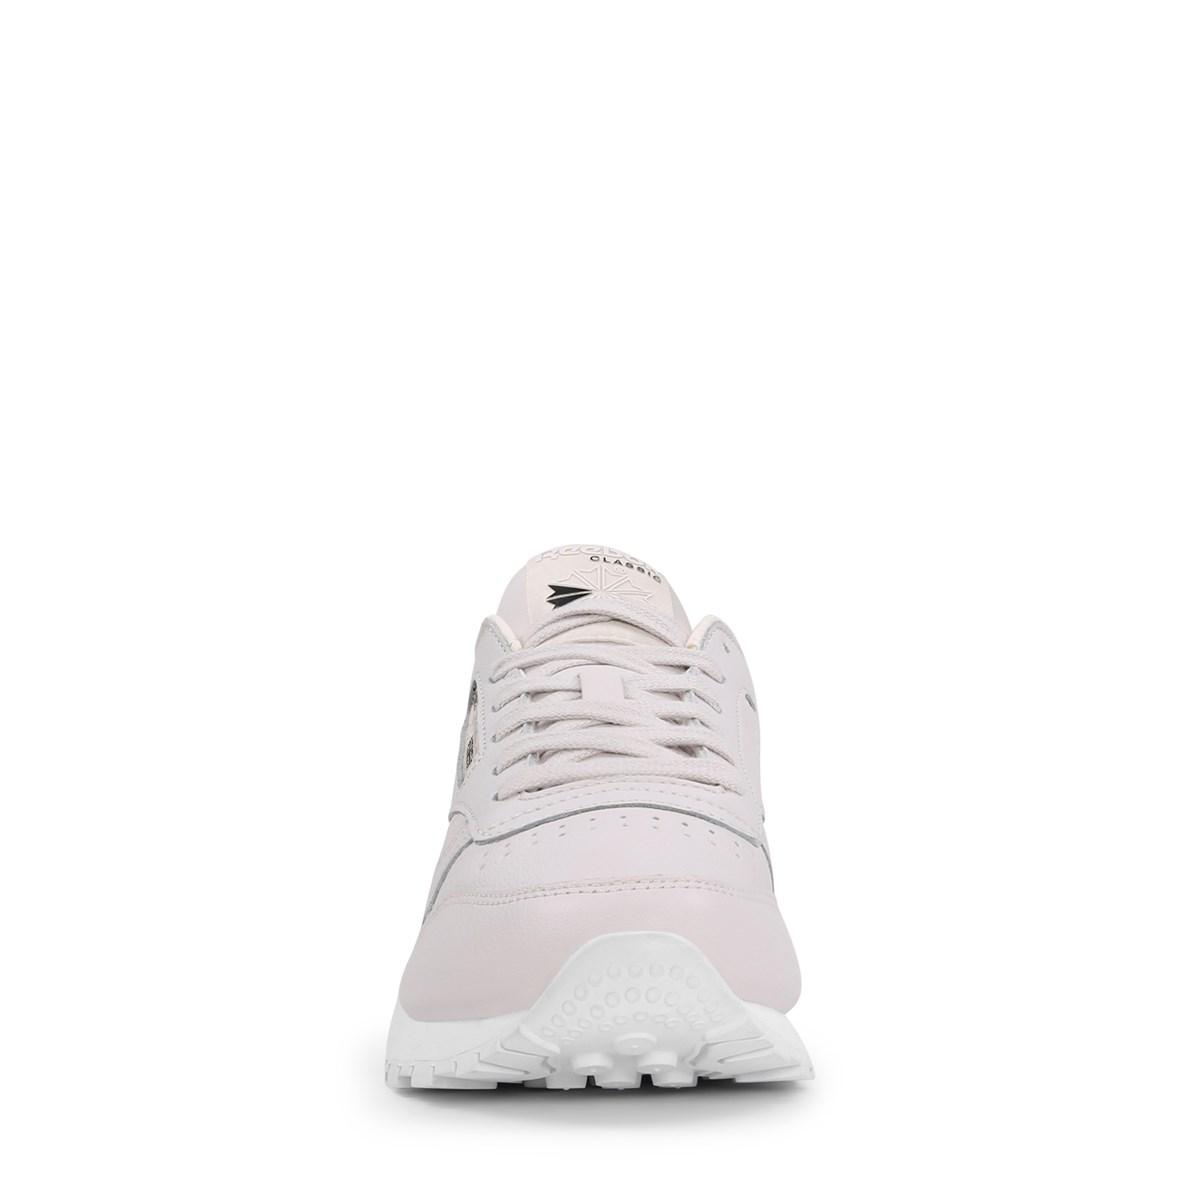 fc7effaf53e8f0 Women s Reebok X FACE Stockholm Classic leather Sneaker. Previous. default  view · ALT1 · ALT2 ...